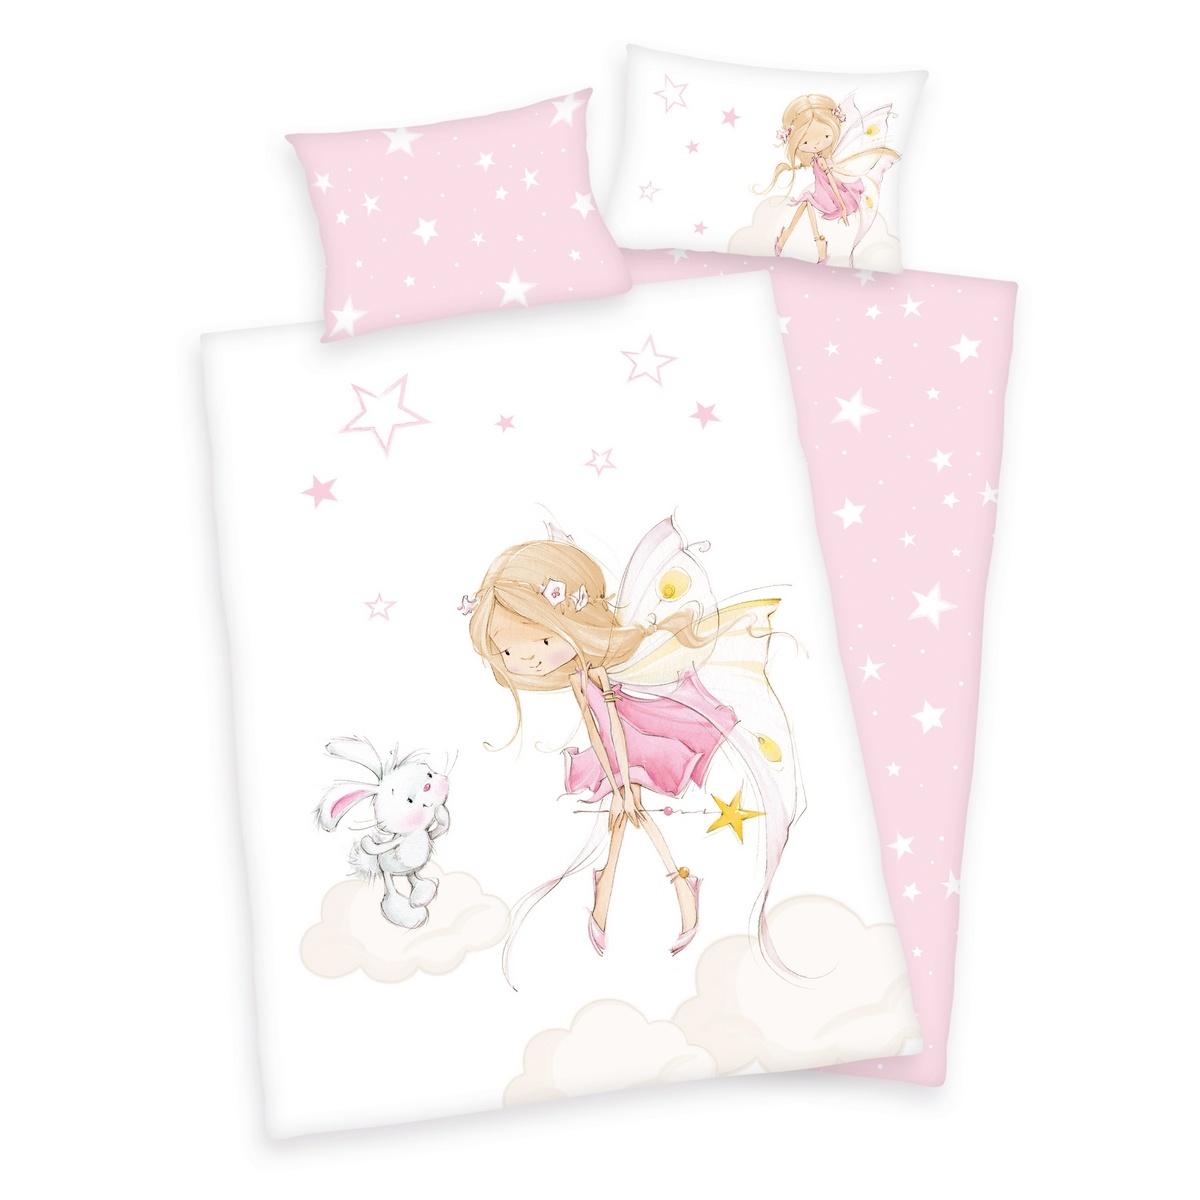 Bawełniana pościel dziecięca do łóżeczka Rusałka i króliczek, 100 x 135 cm, 40 x 60 cm